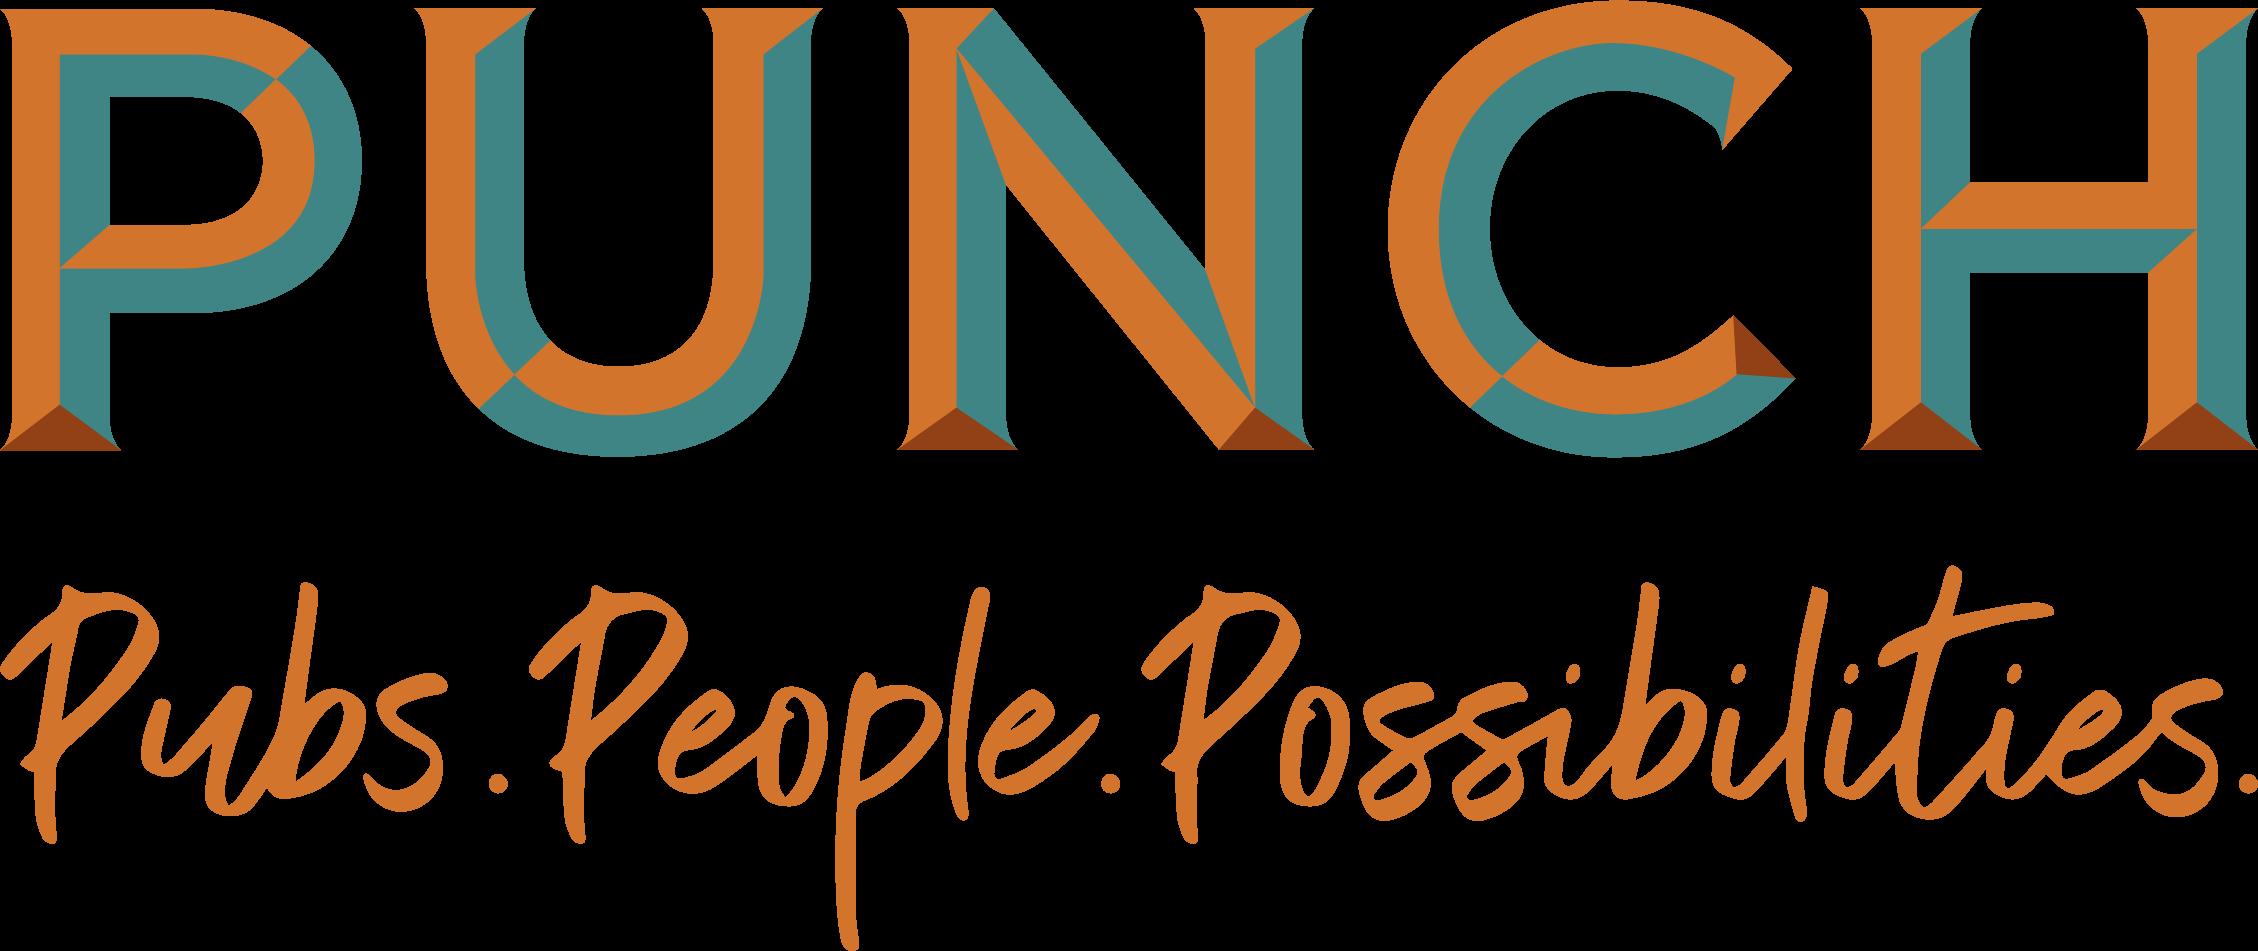 https://0201.nccdn.net/1_2/000/000/137/477/Punch-Logo-with-strapline-2258x951.png